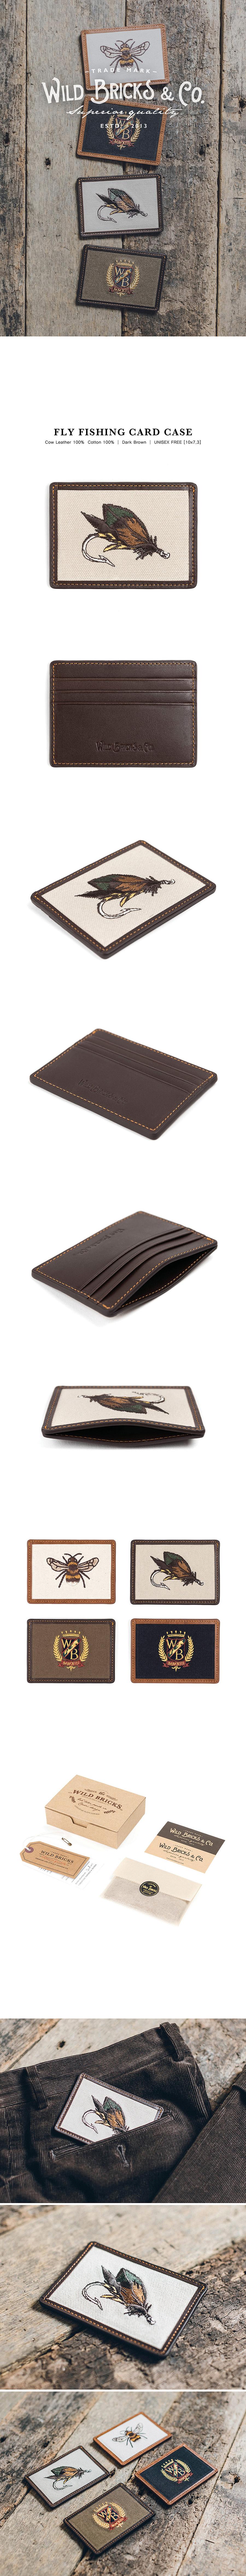 와일드 브릭스(WILD BRICKS) FLY FISHING CARD CASE (dark brown)